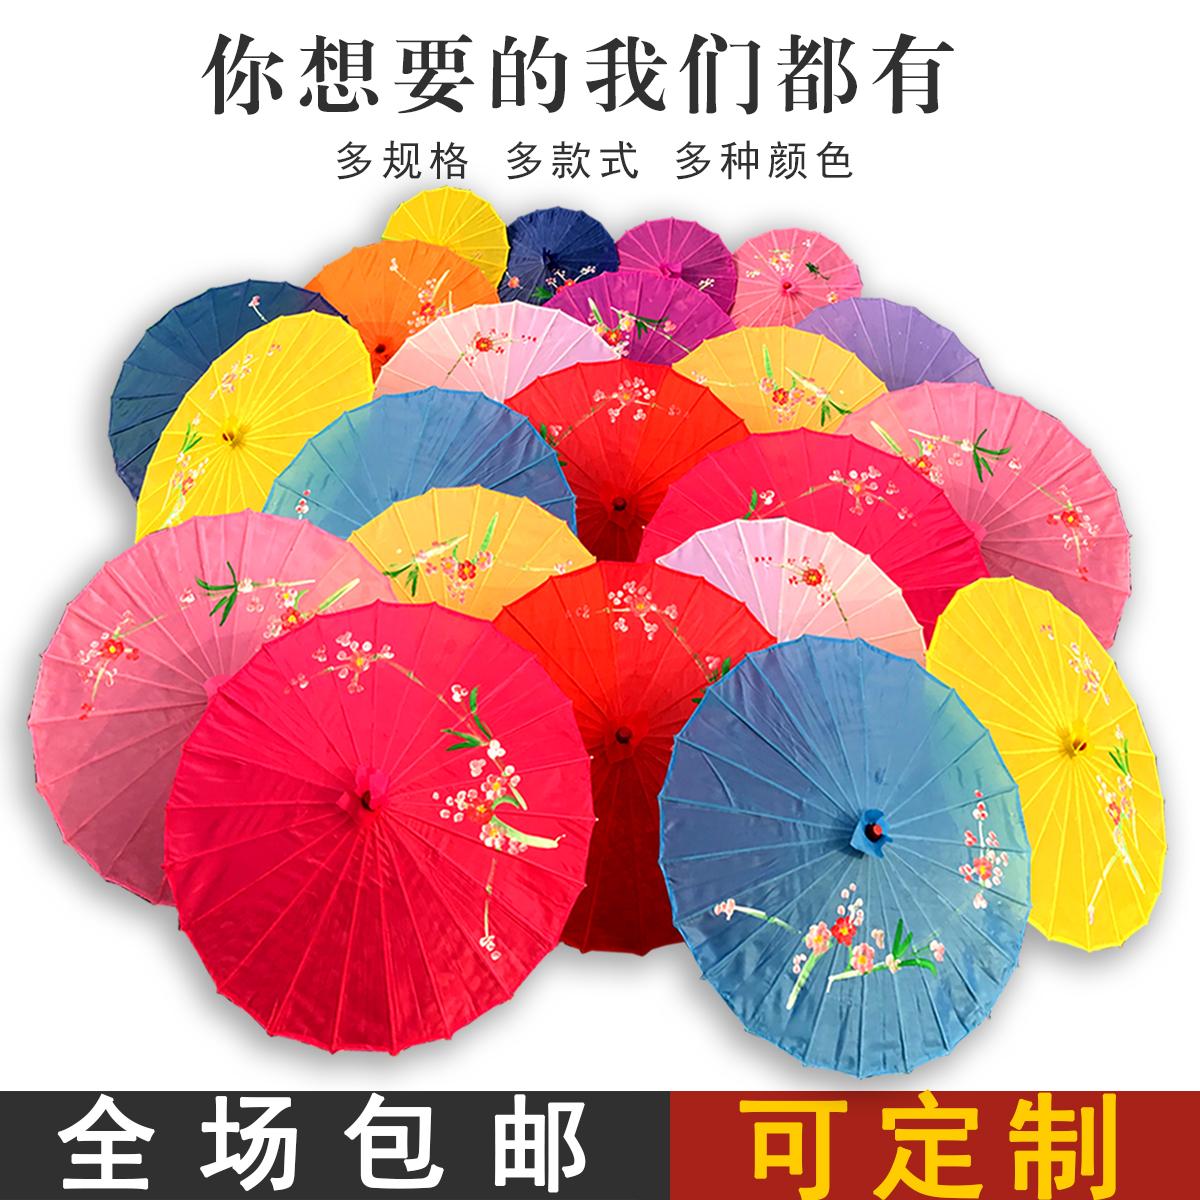 Декоративные зонты Артикул 567444955130